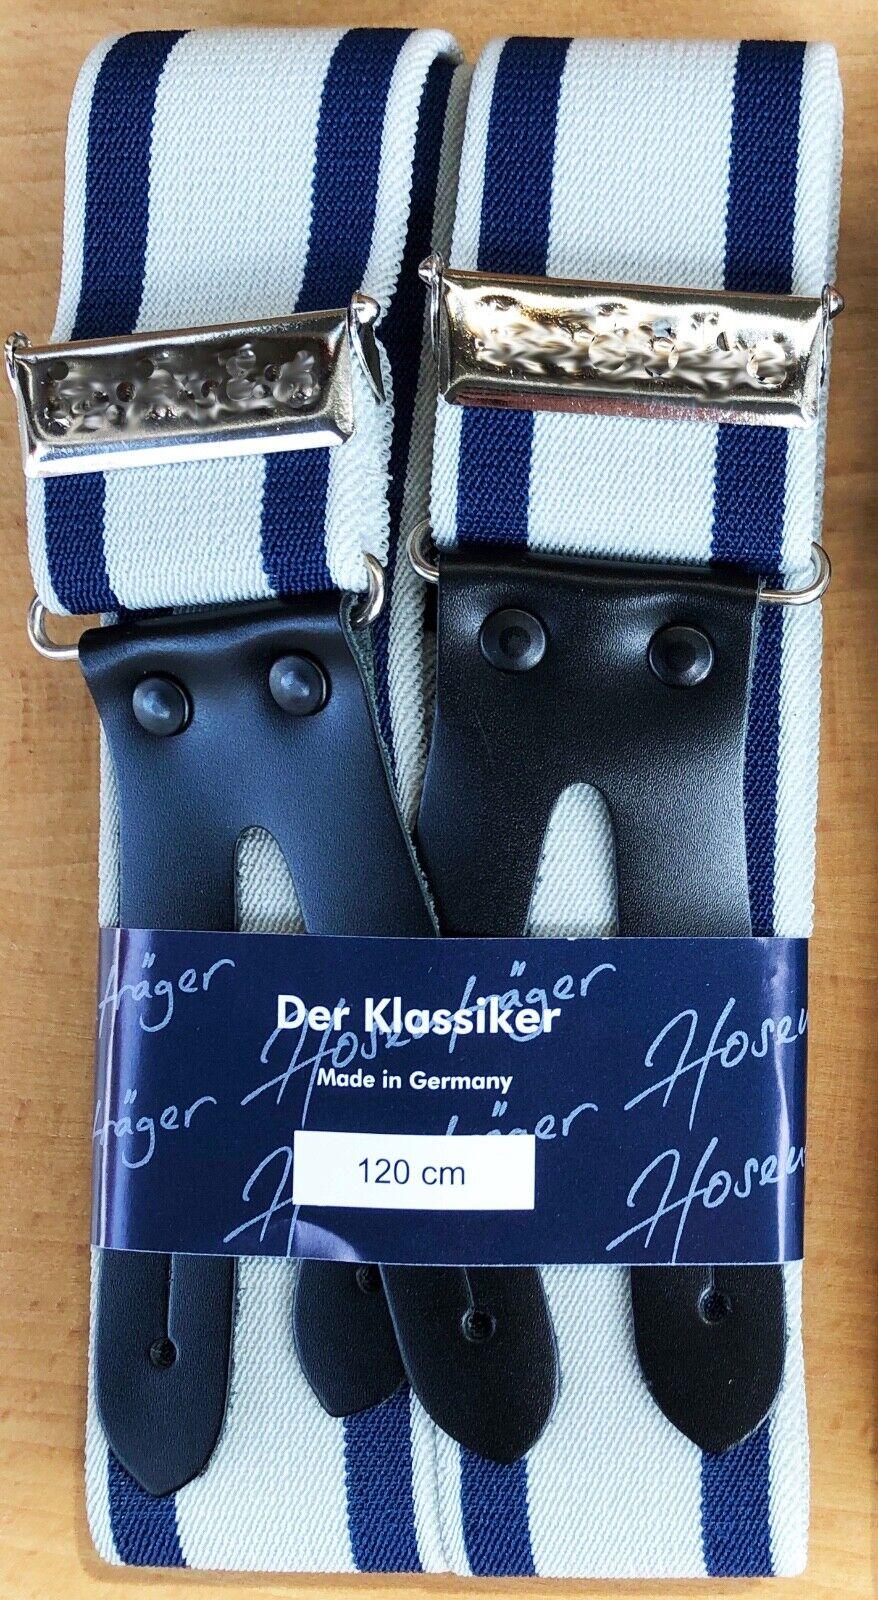 Extra Breite 4,5 cm Hosenträger Träger blau Lederpatte zum Knöpfen Spitzbundhose